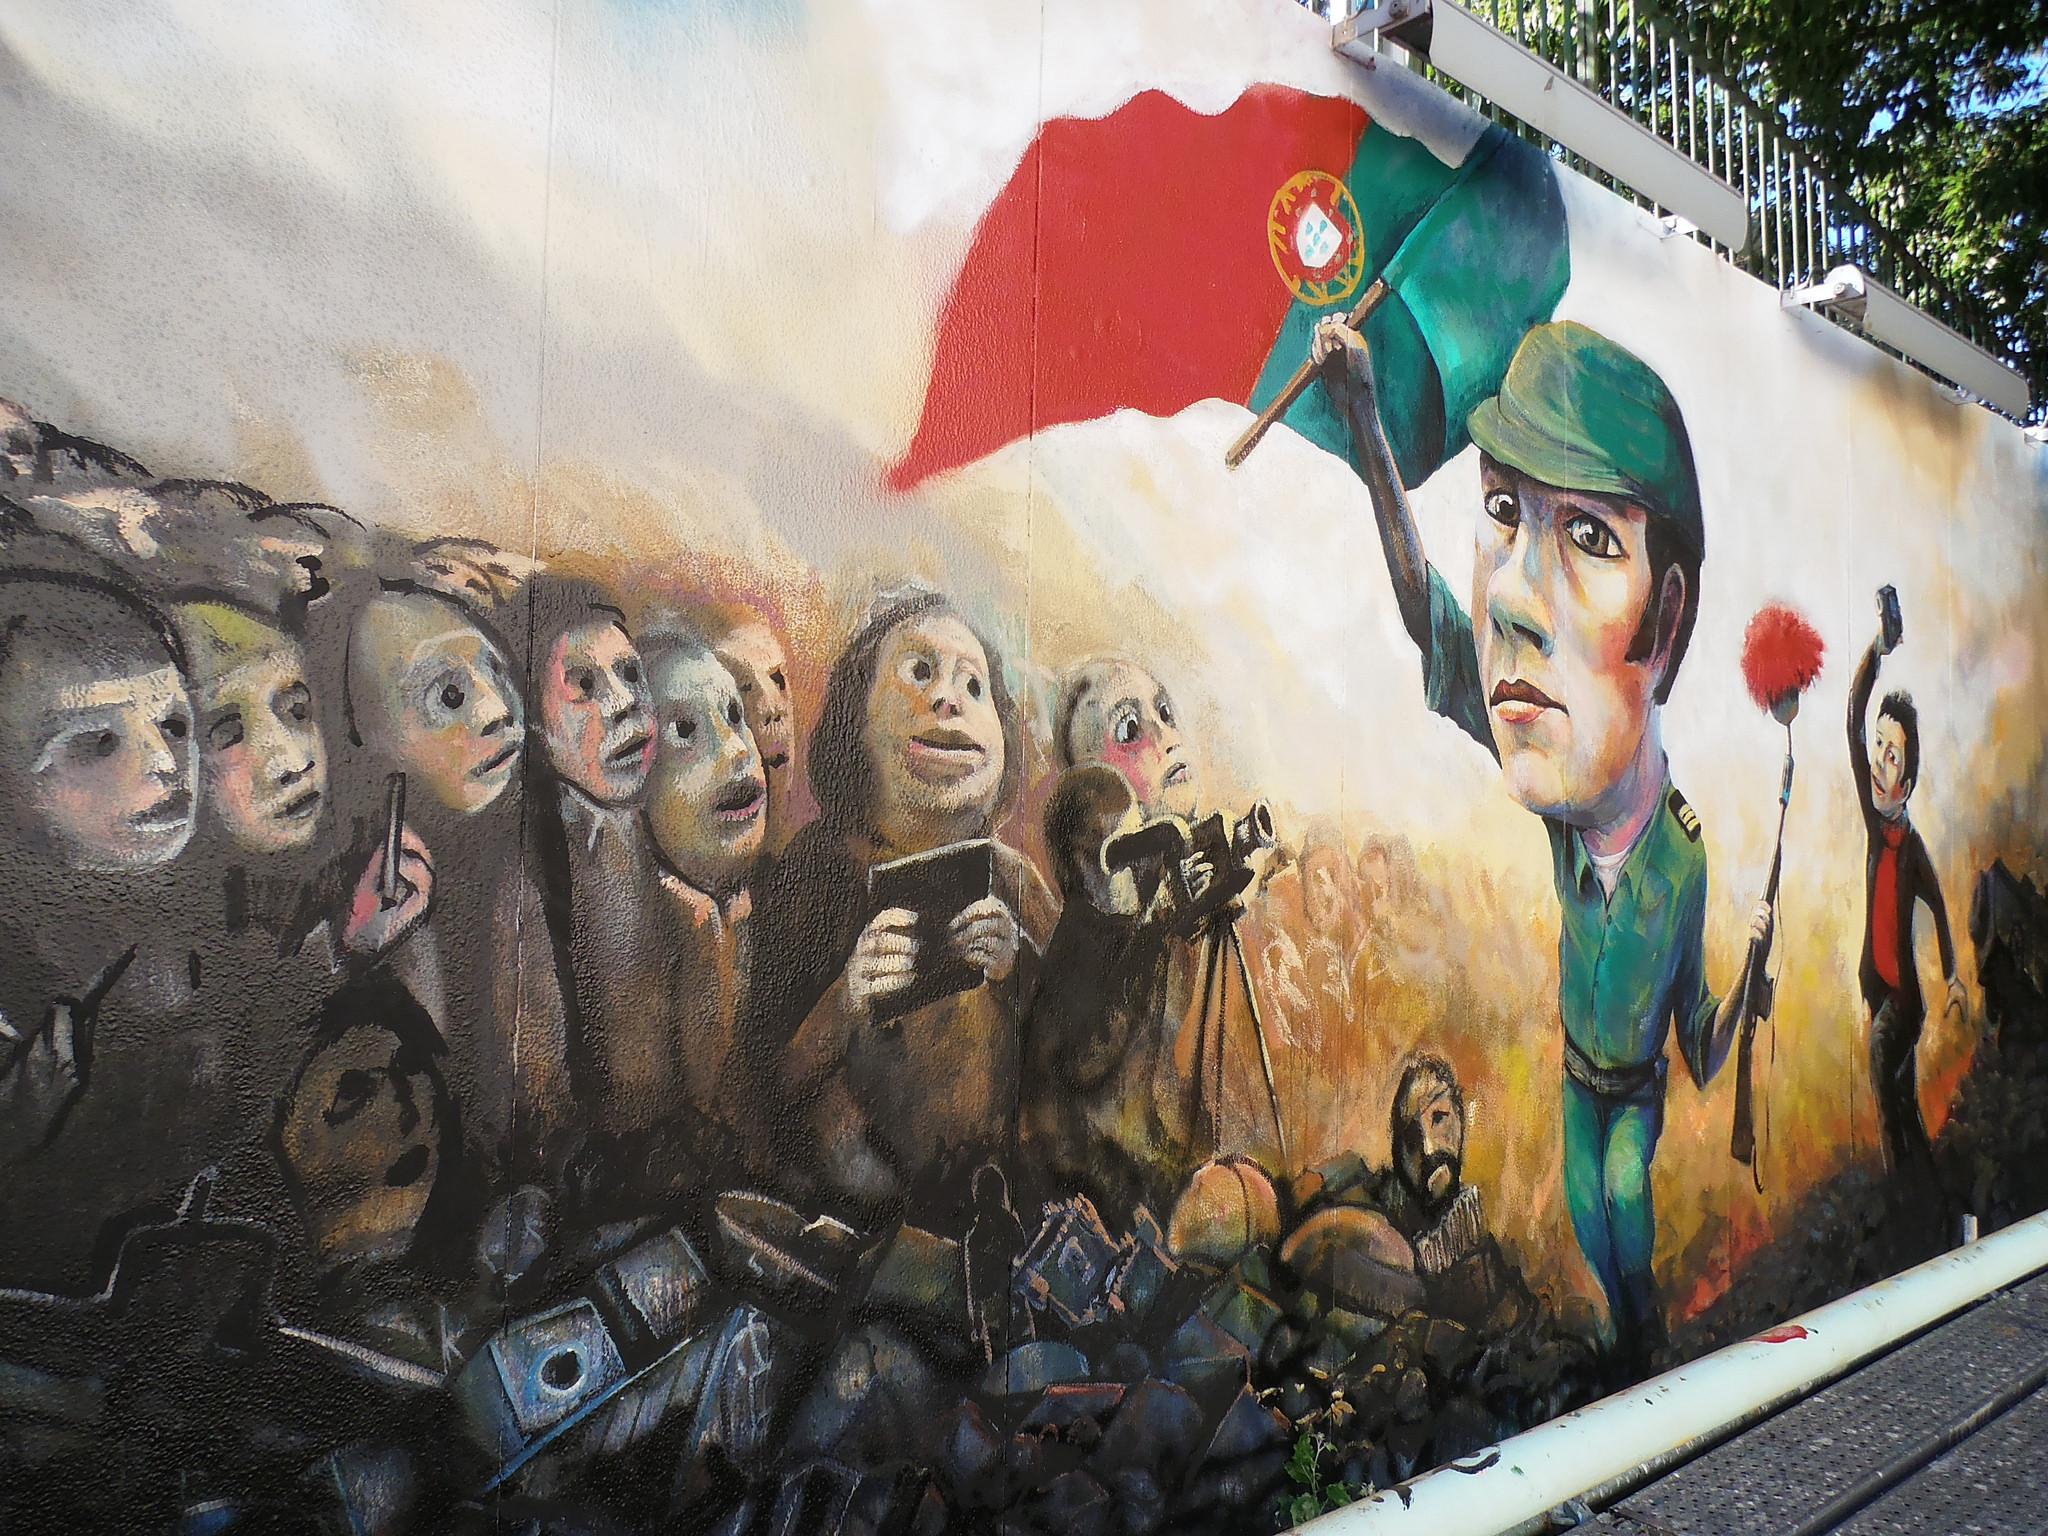 Street art depicting the Carnation Revolution © Jeanne Menjoulet / Flickr